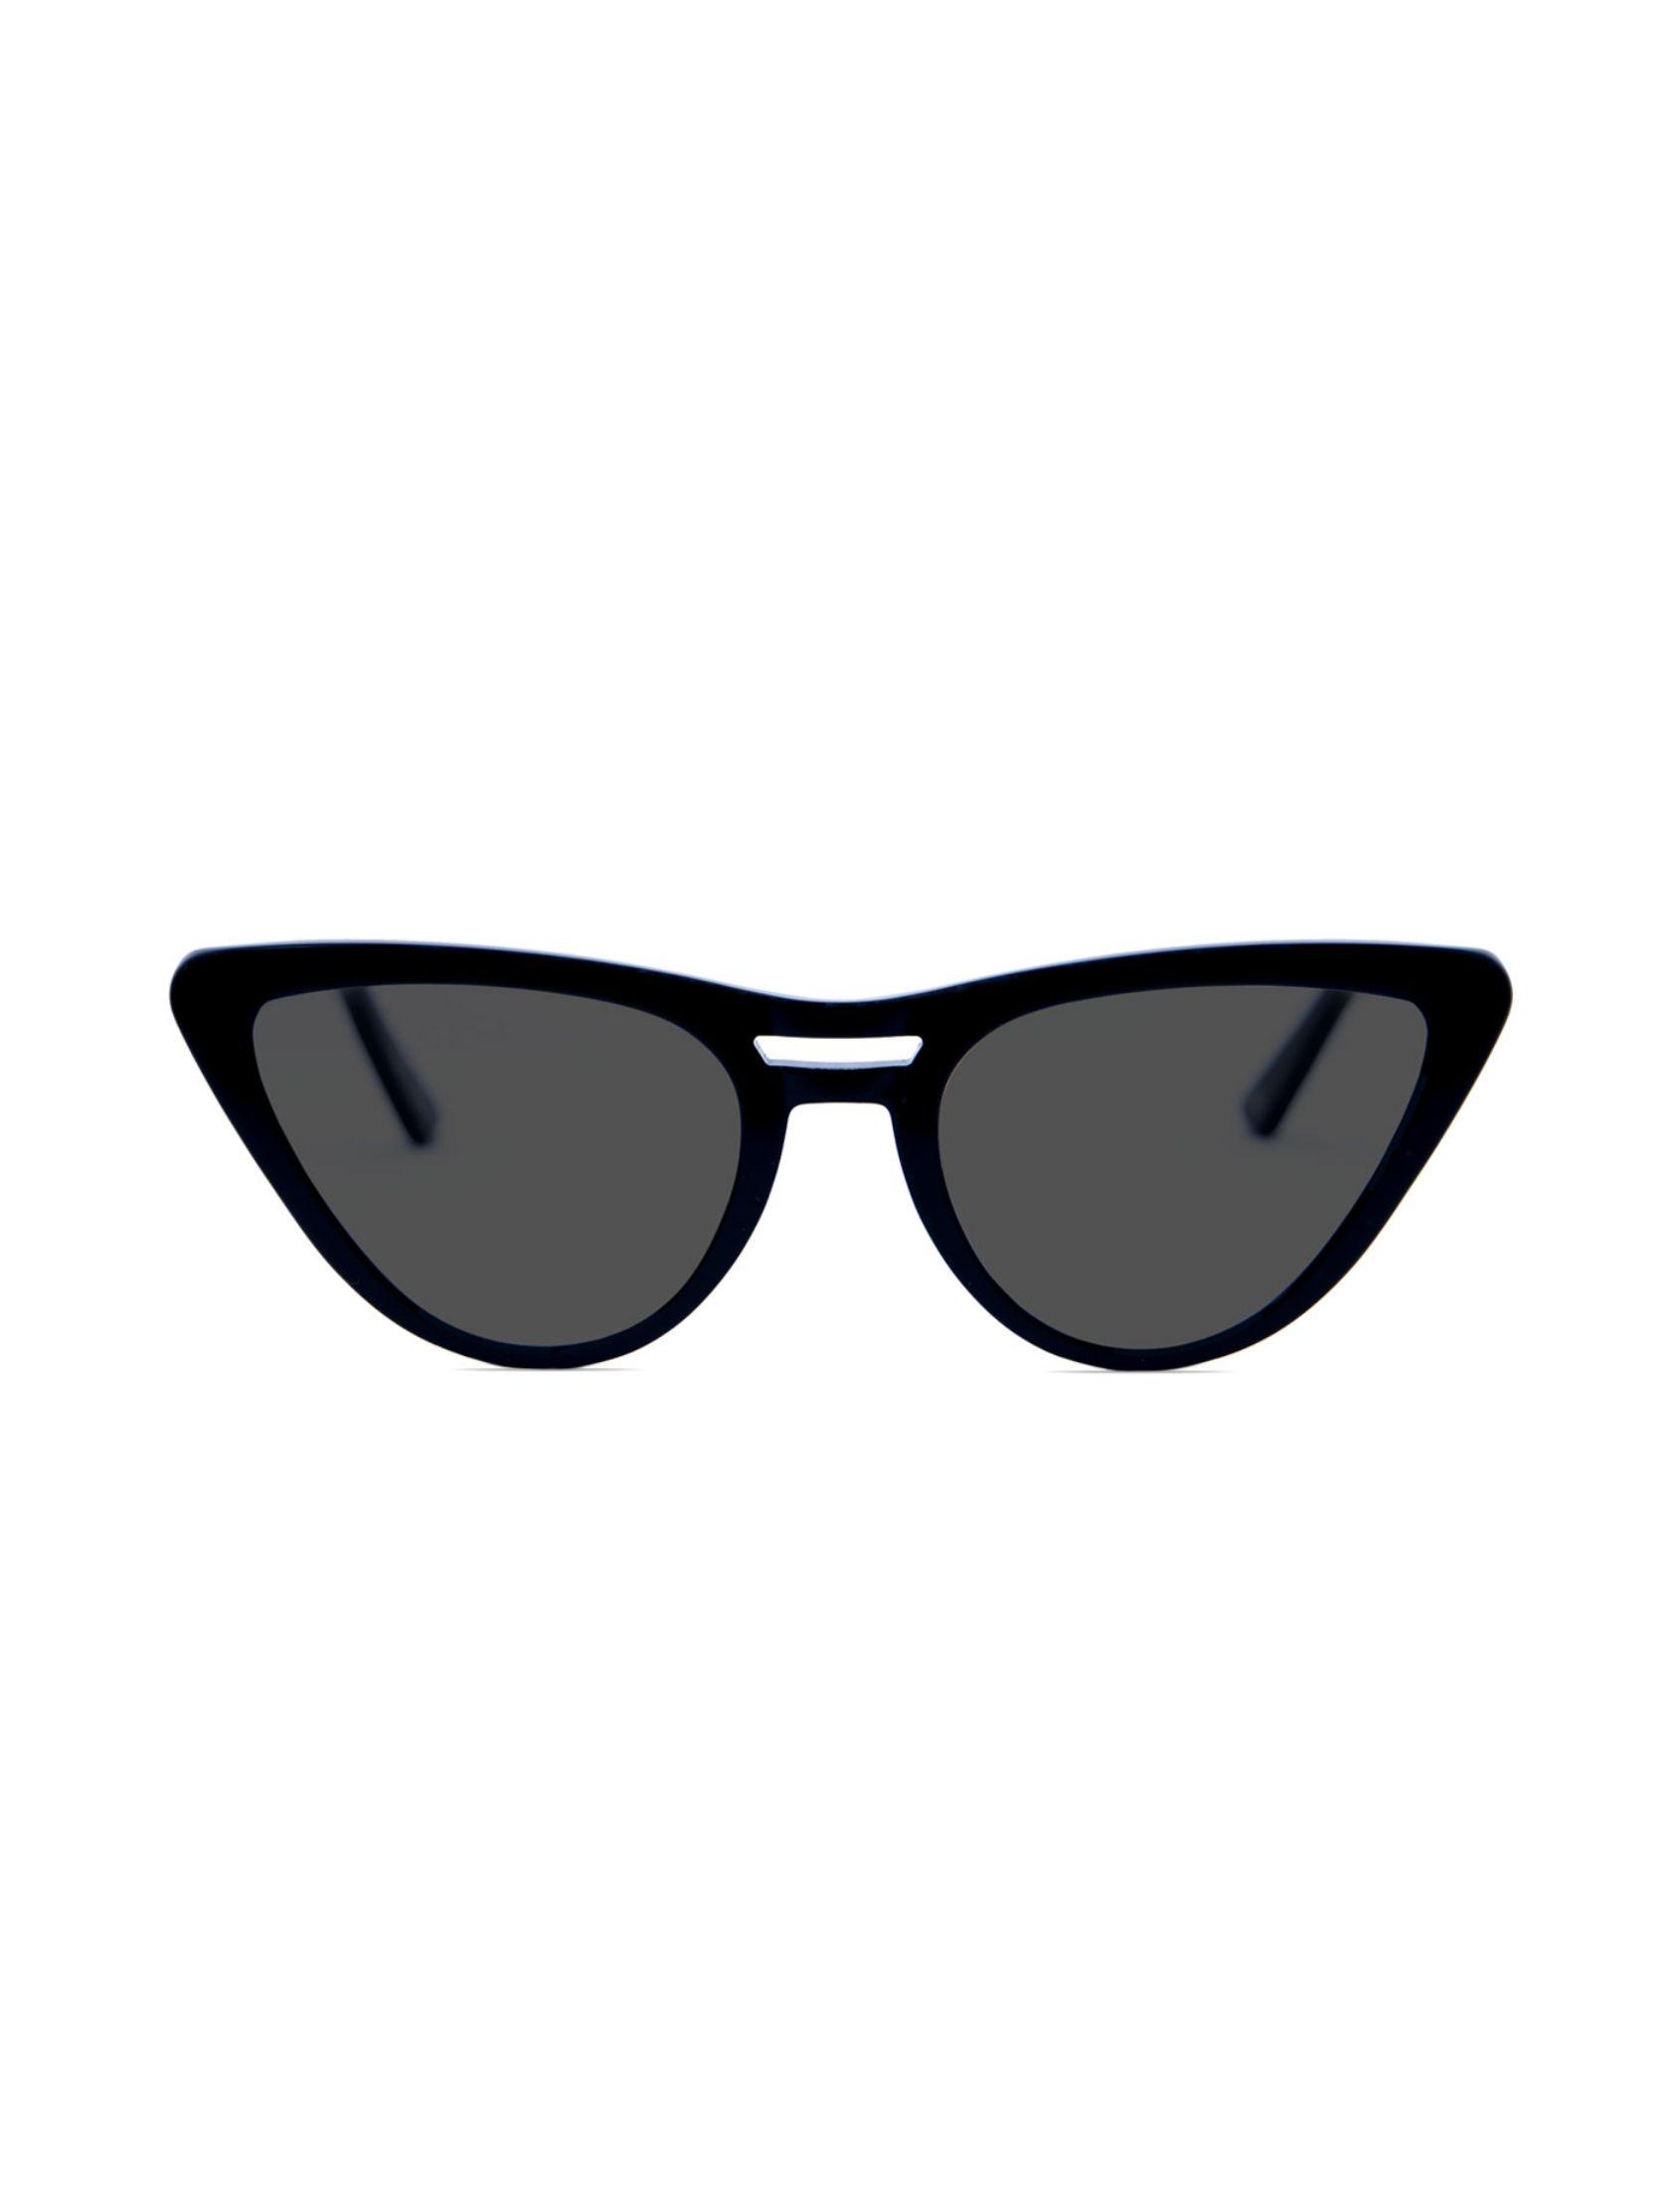 Gafas Vilma Blacky con montura de pasta negra y efecto ojo de gato